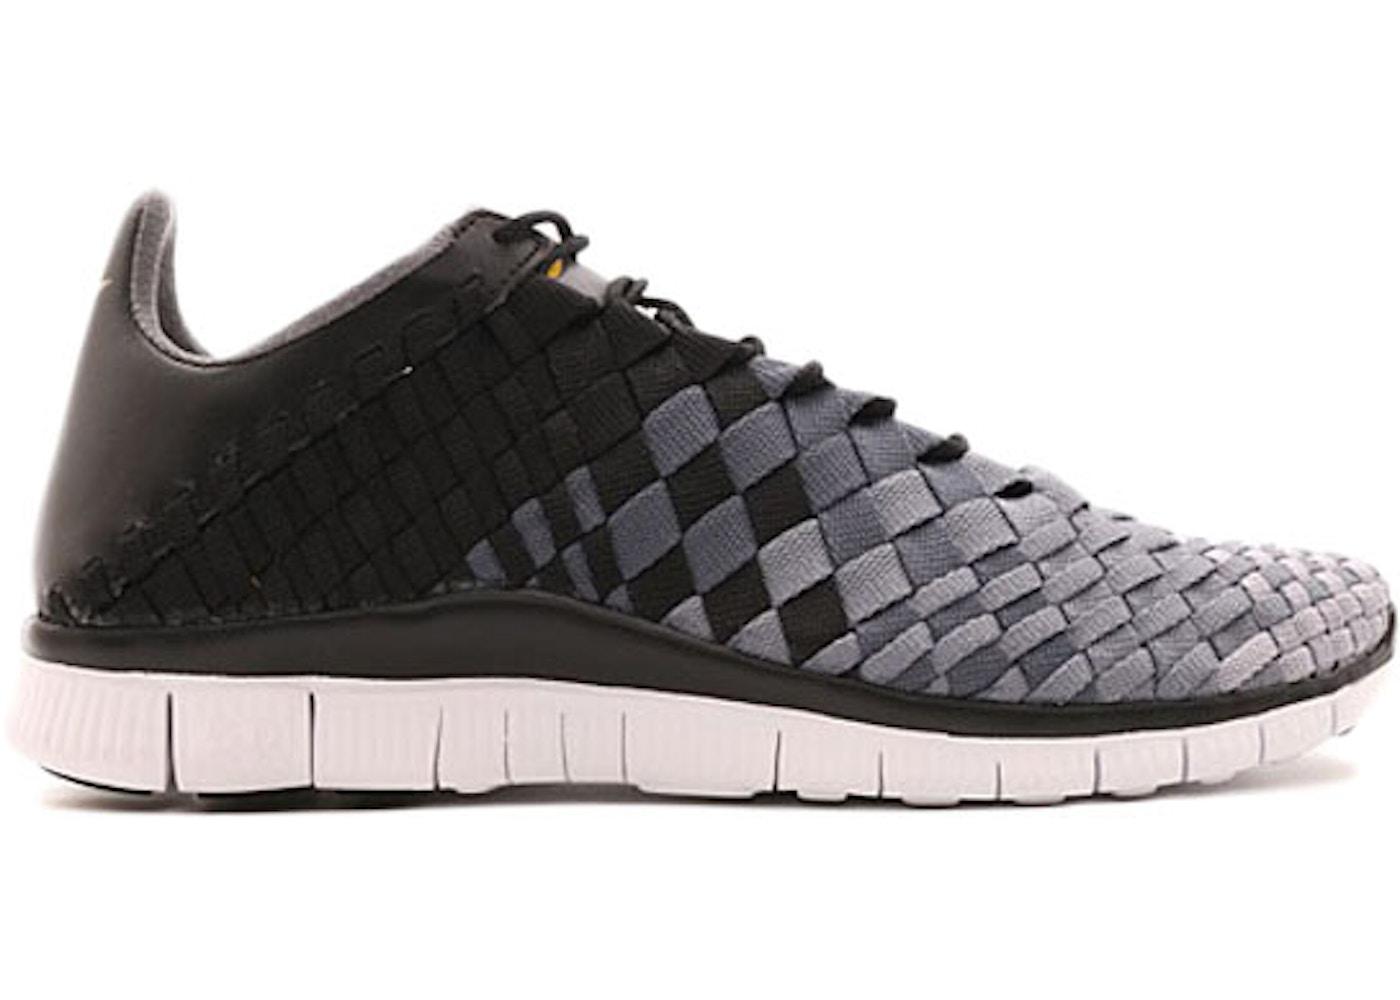 Anno Esprimere rovinato  Nike Free Inneva Woven Black Dark Grey - 579916-001